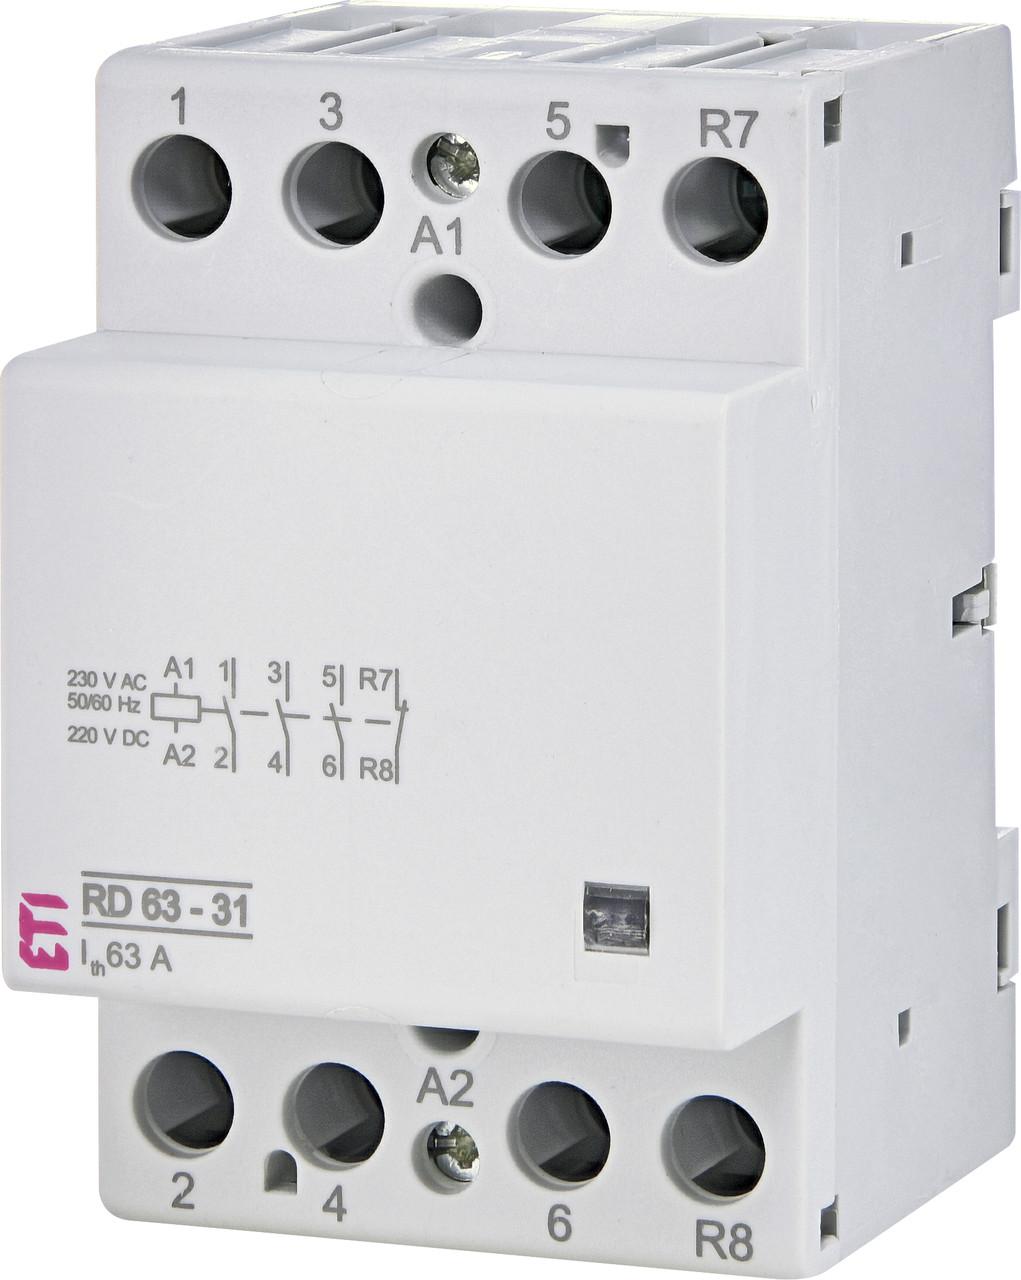 Контактор модульный ETI RD 63-31 63А 230V AC/DC 3NO+1NC 2464028 (модульный, на din-рейку)